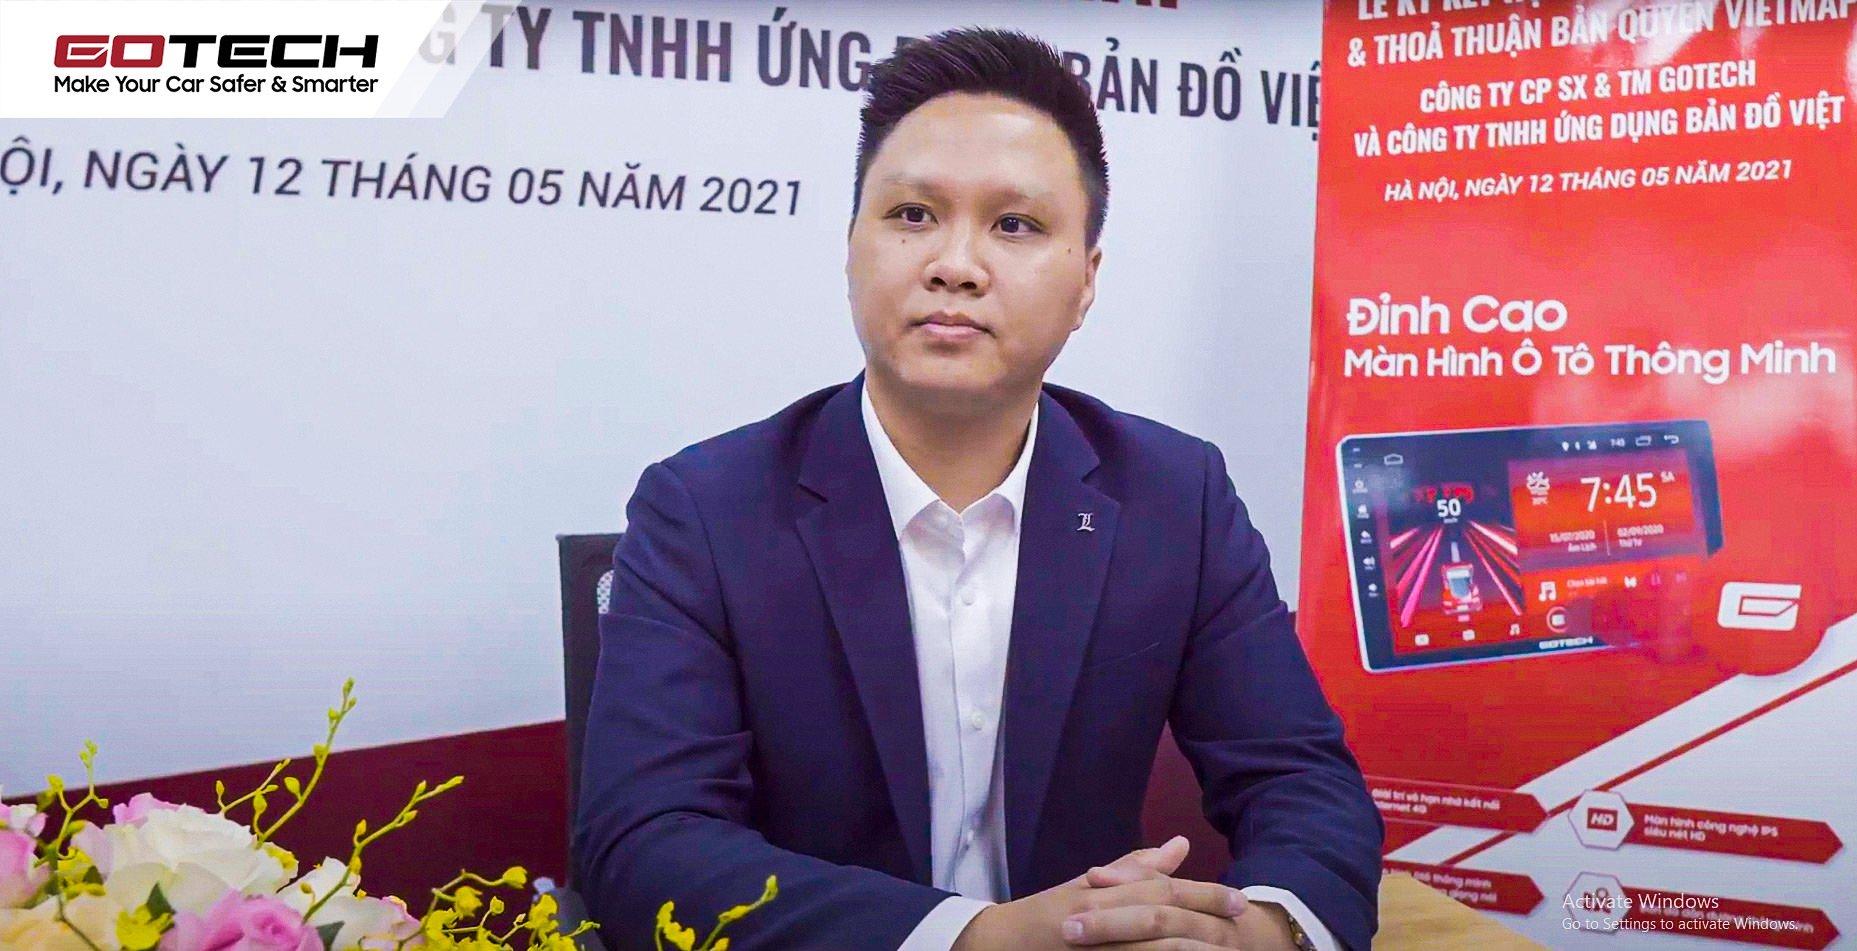 Ông Tô Hồng Minh - Giám đốc Marketing GOTECH.